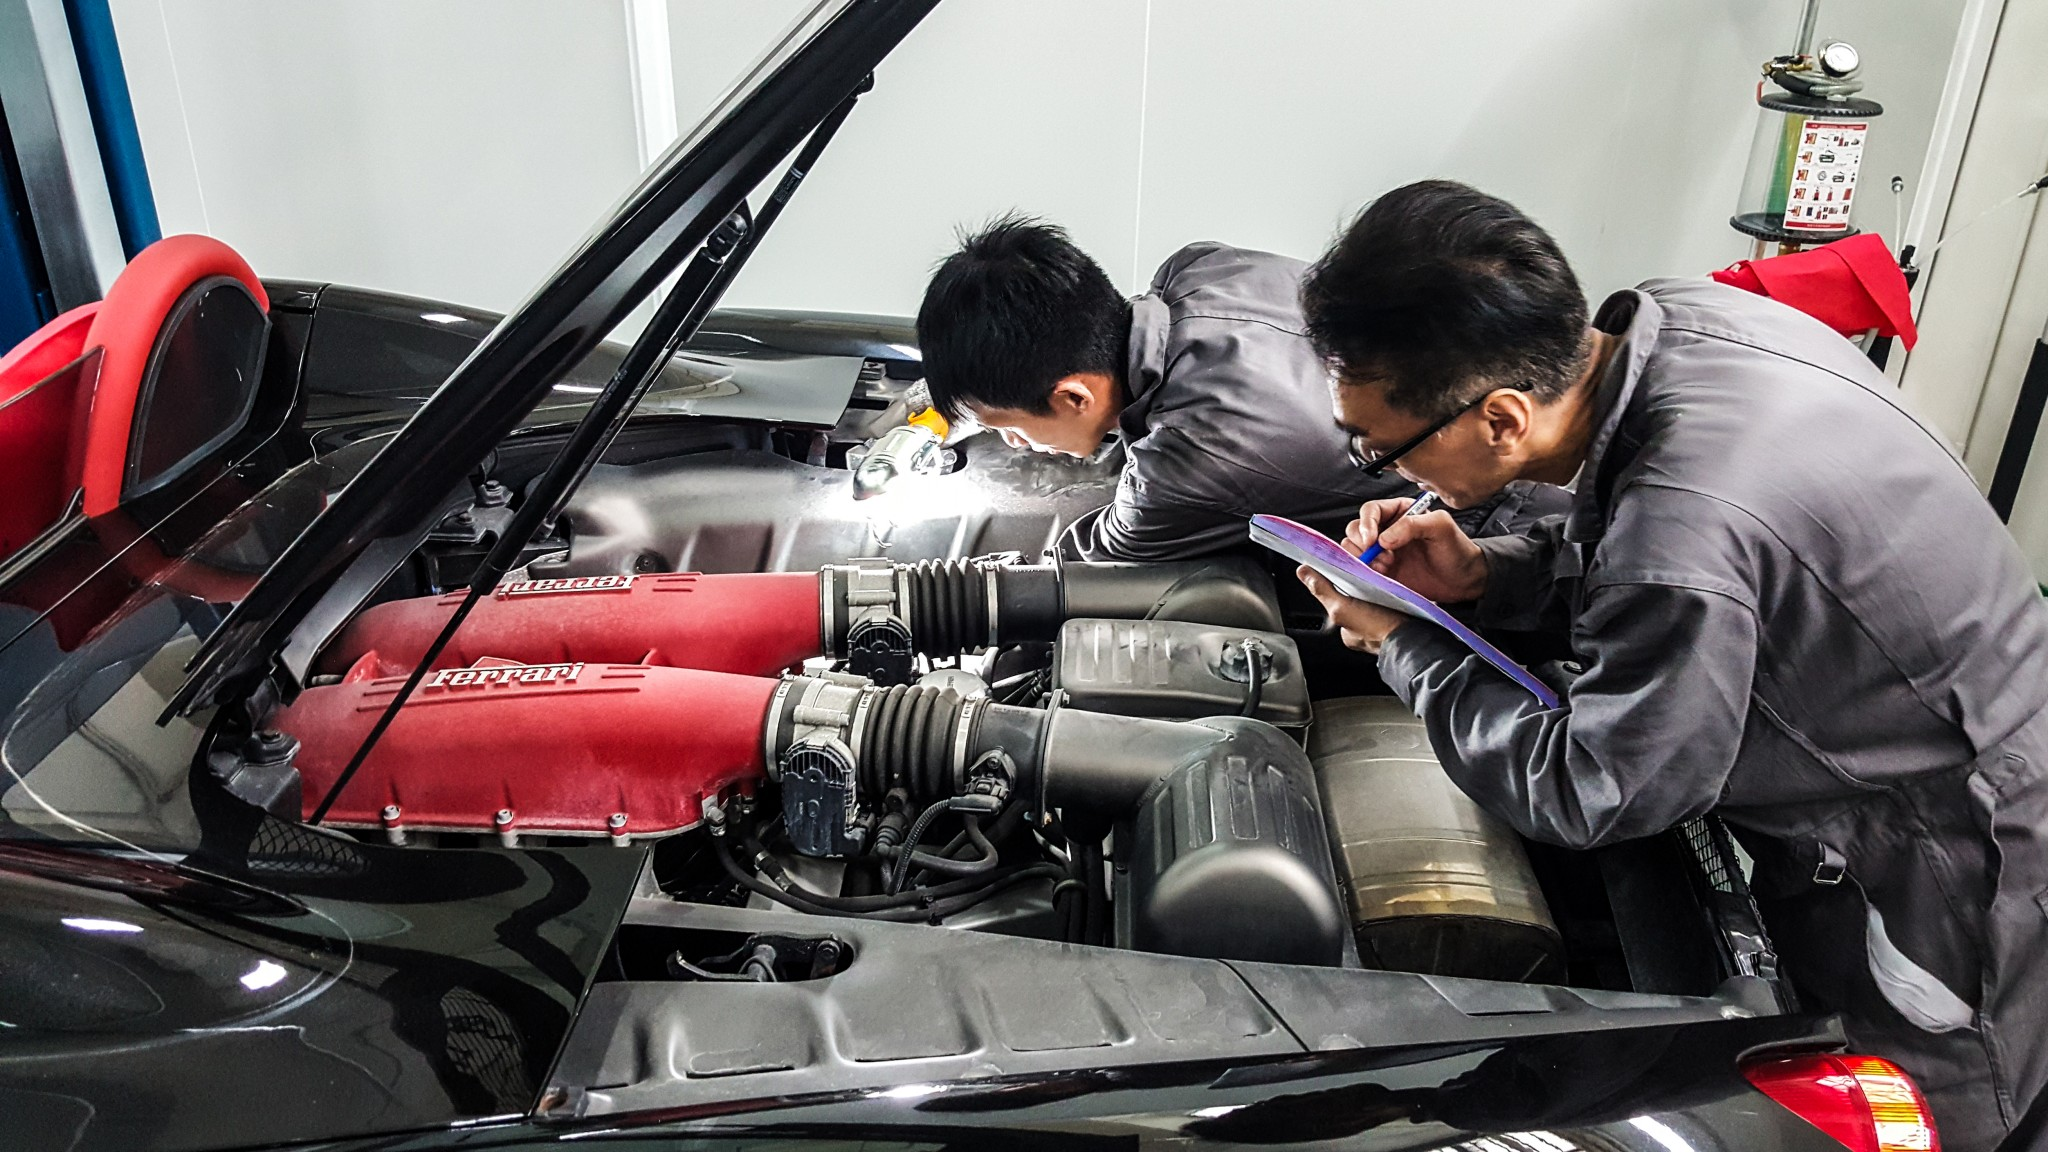 Kings Motor 王子汽車服務中心 運輸署指定車輛測試中心 預約驗車 年驗